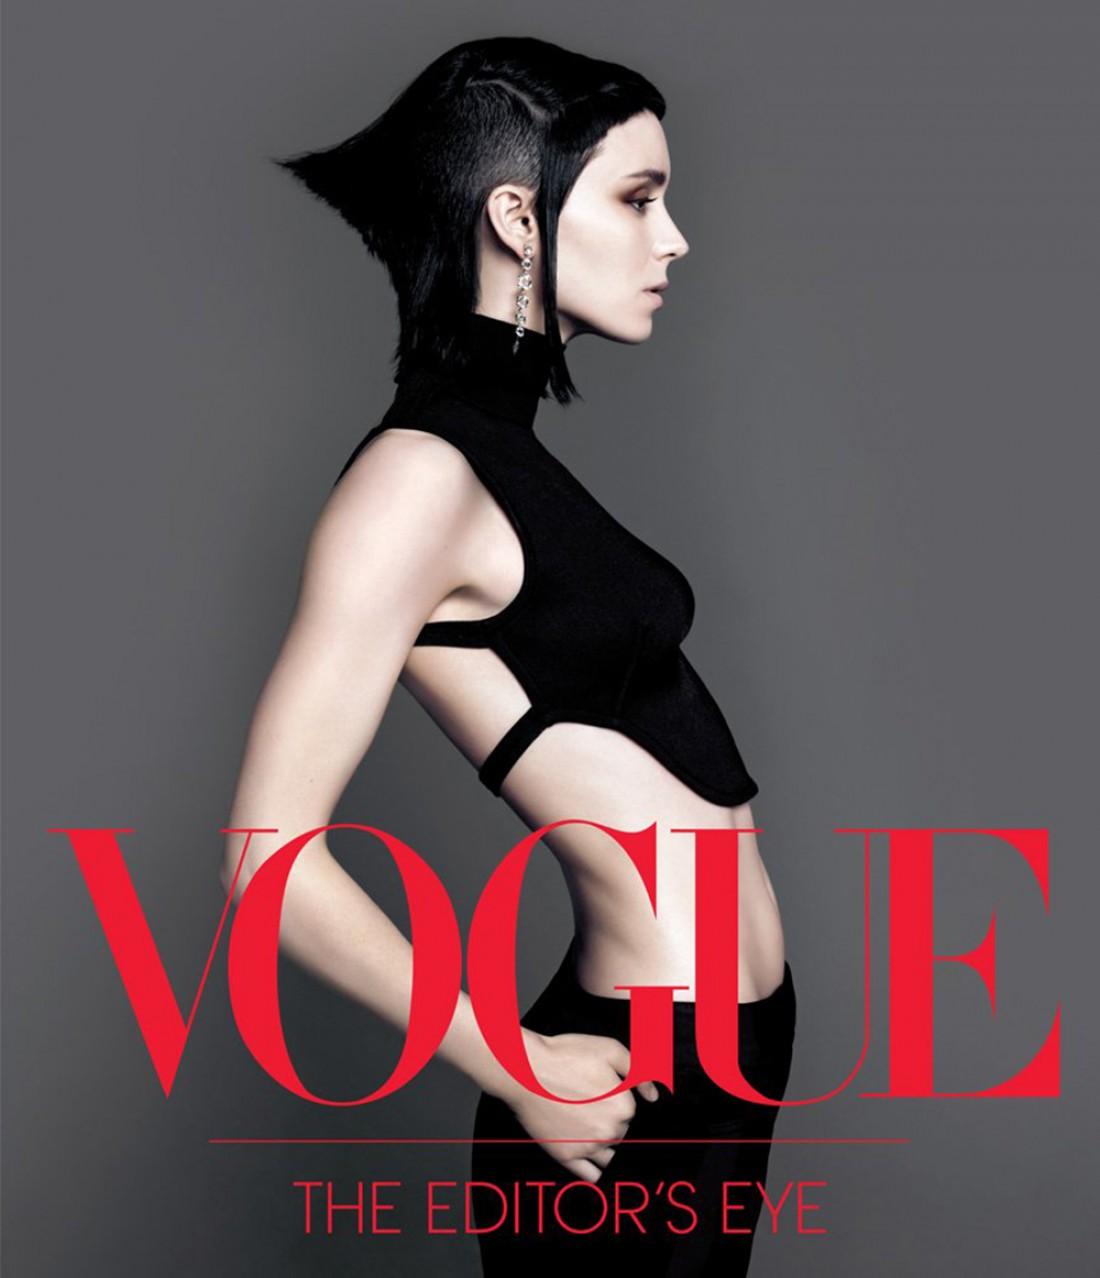 Vogue: Глазами редактора, Анна Винтур